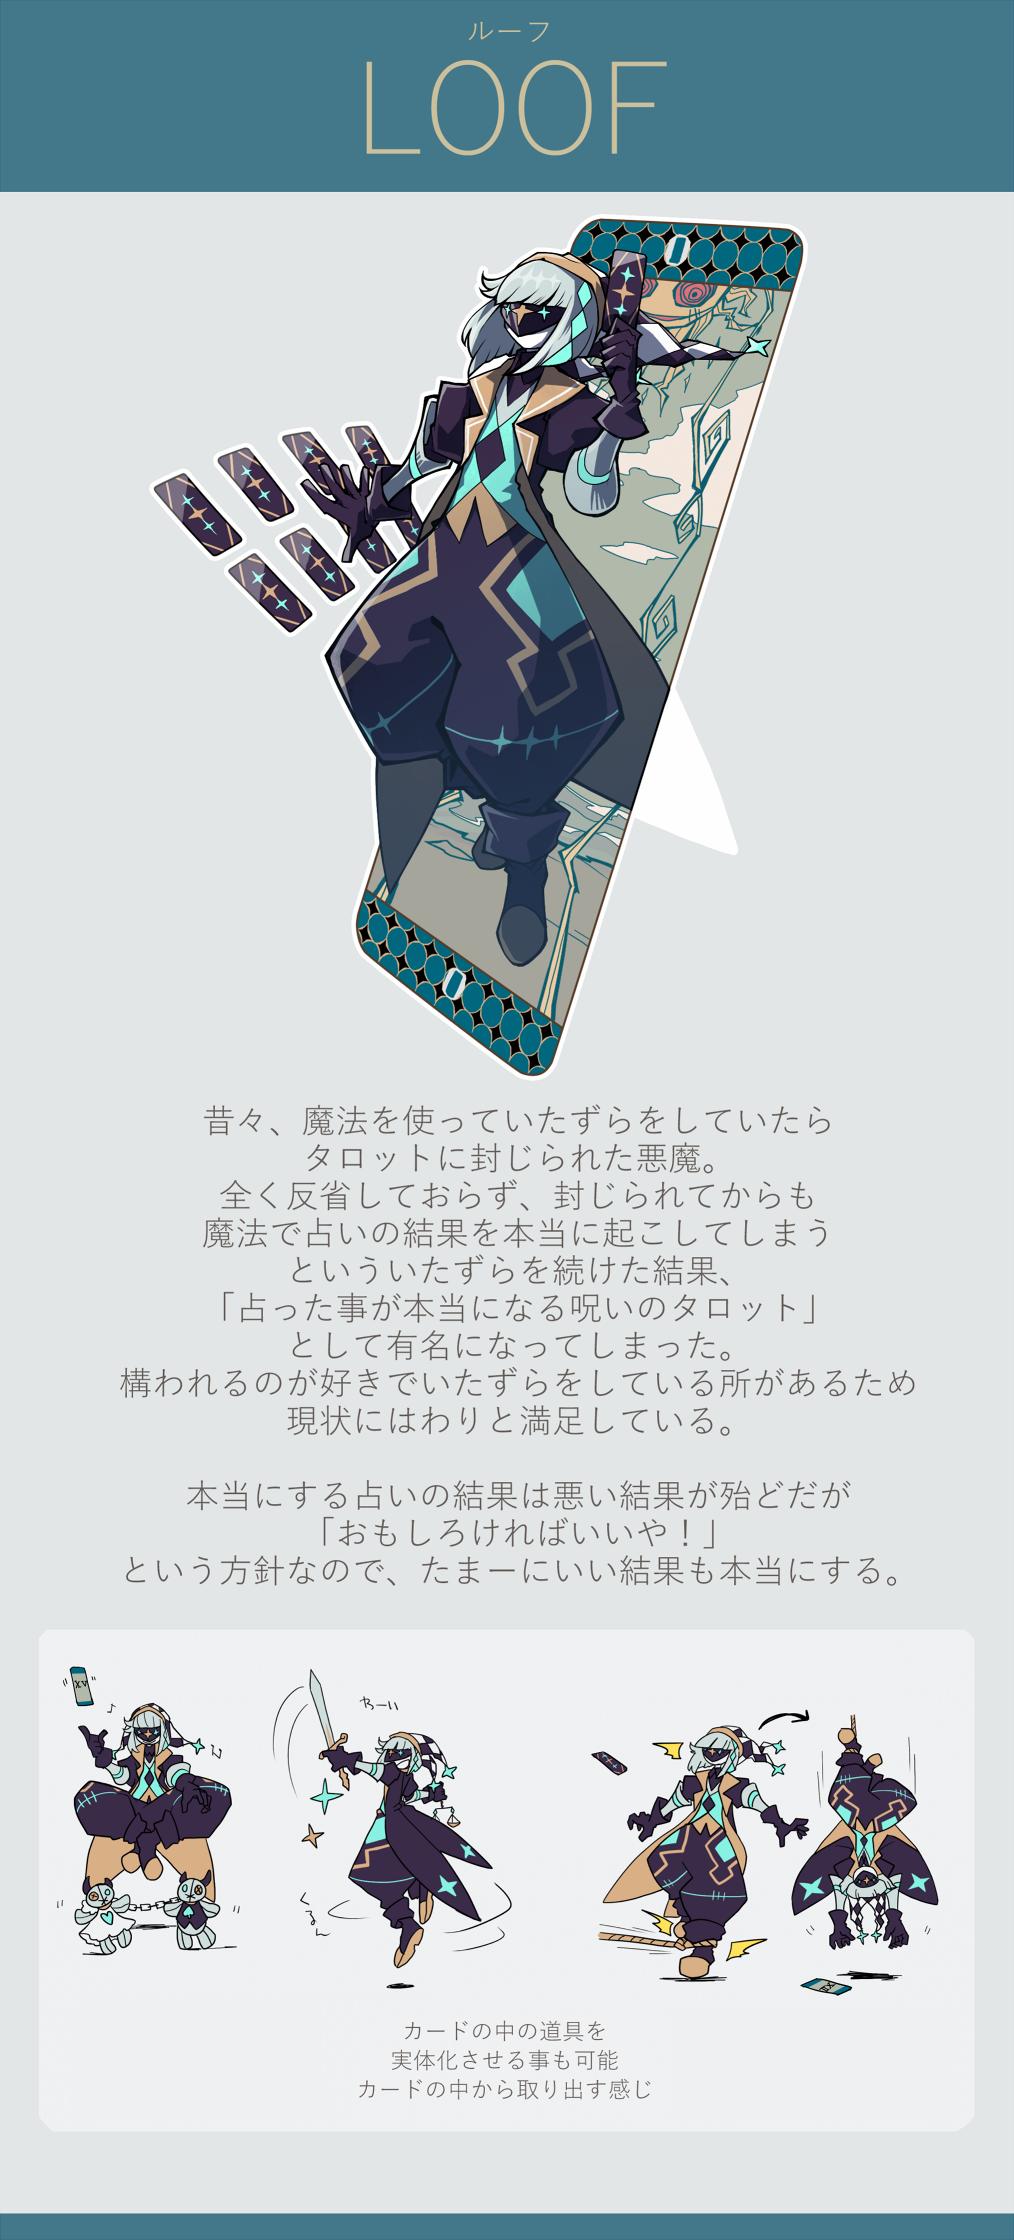 BEMANIコンテストポップン 【C】